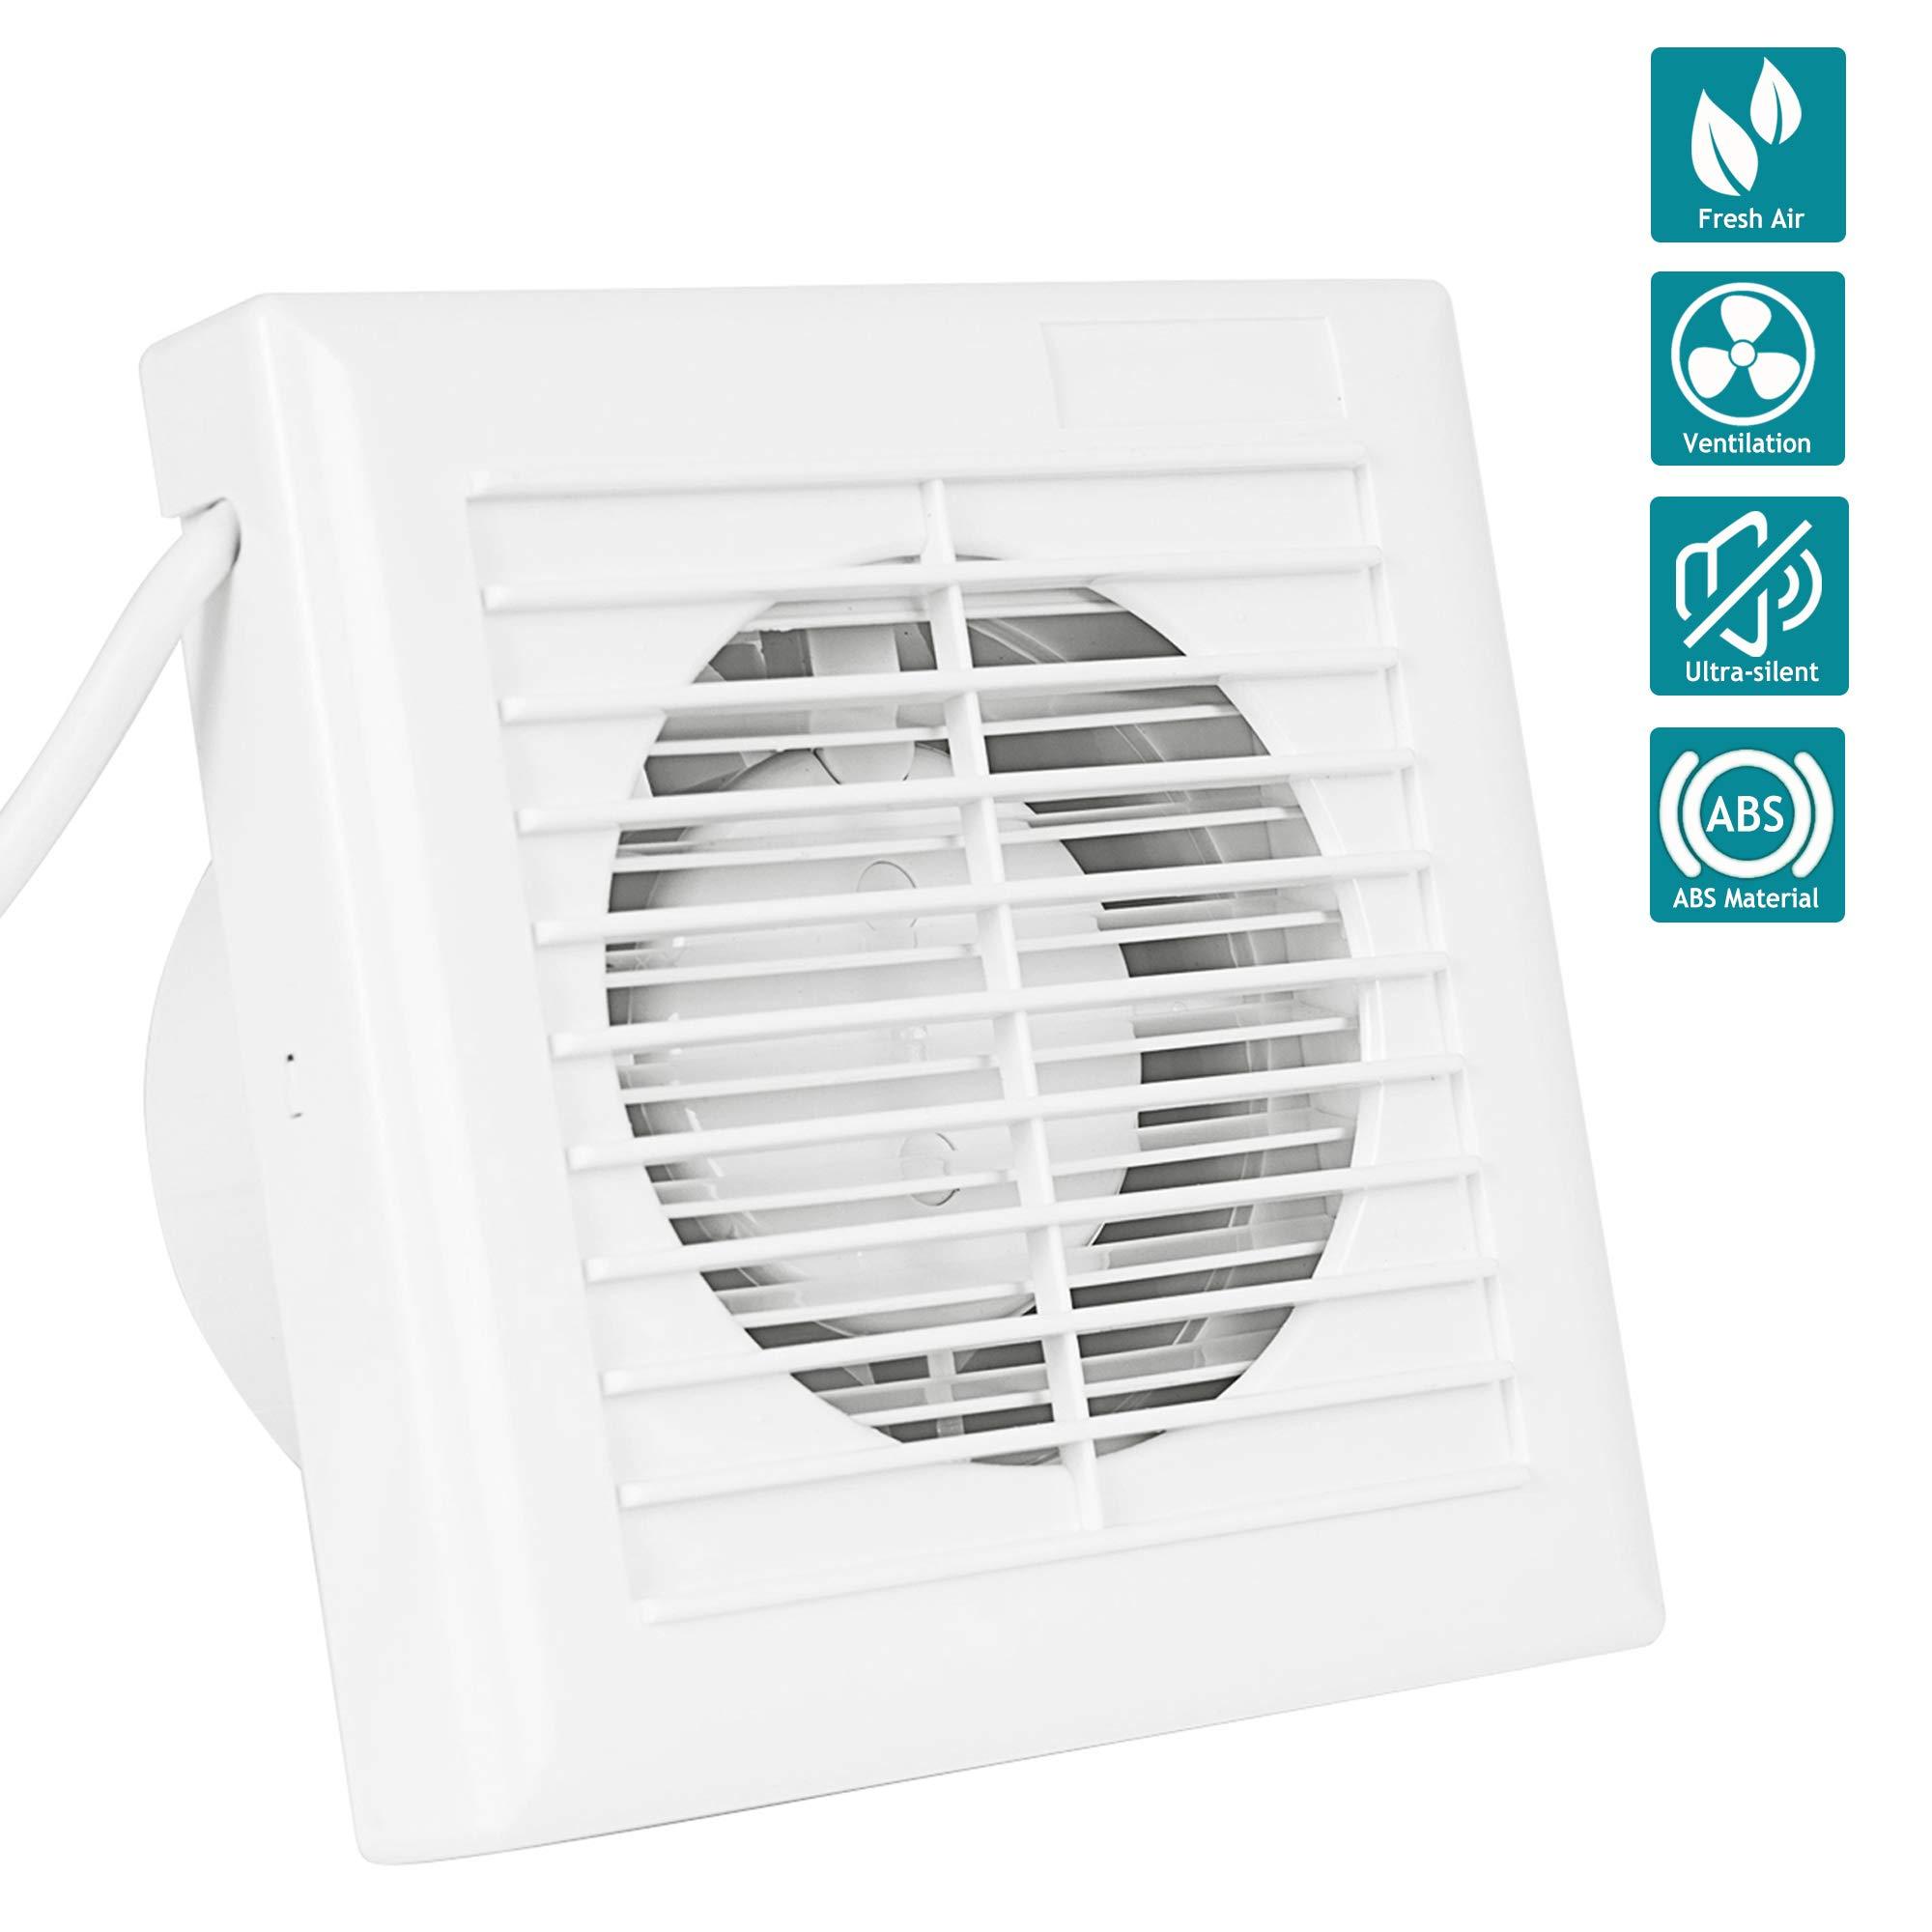 InLine de ventilador, HG Power 4 pulgadas Canalizado Ventilador ultra silencioso con eficiente ventilación, pared de ventilador para cocina/cuarto de baño/dormitorio/oficina: Amazon.es: Bricolaje y herramientas